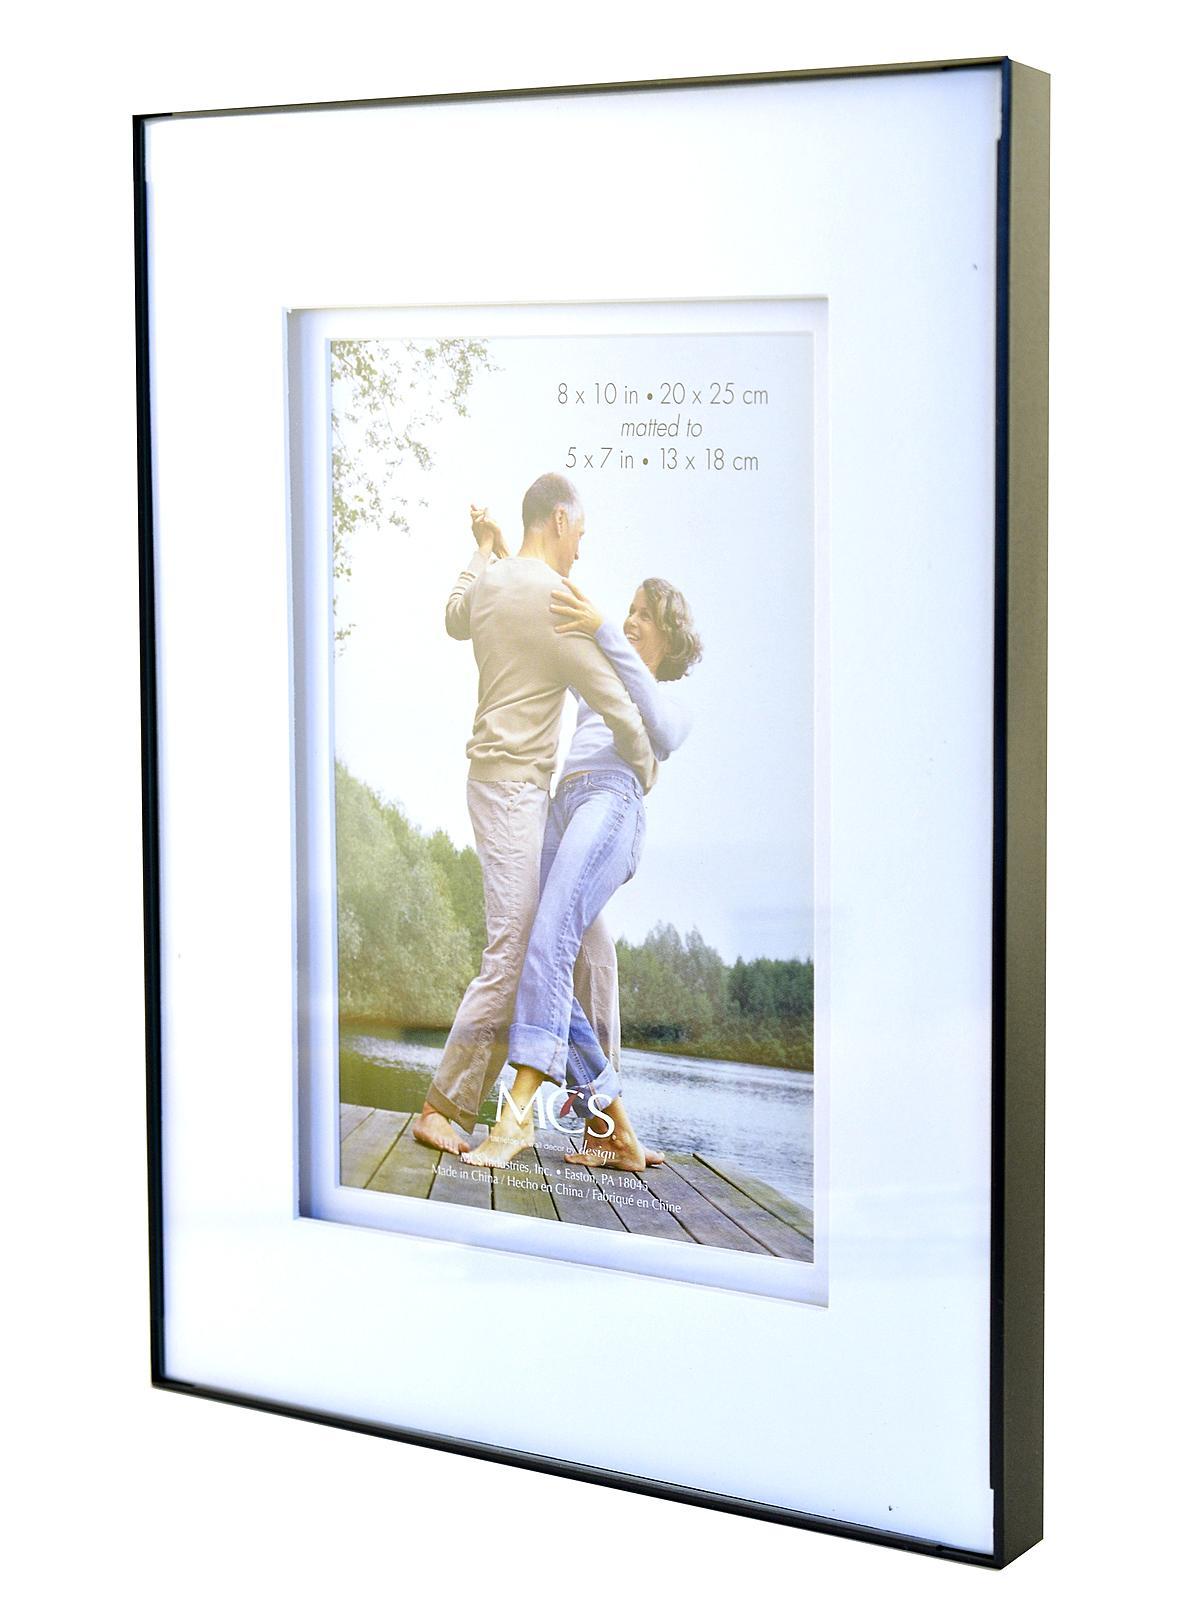 Colorful X 25 Frame Format Illustration - Framed Art Ideas ...